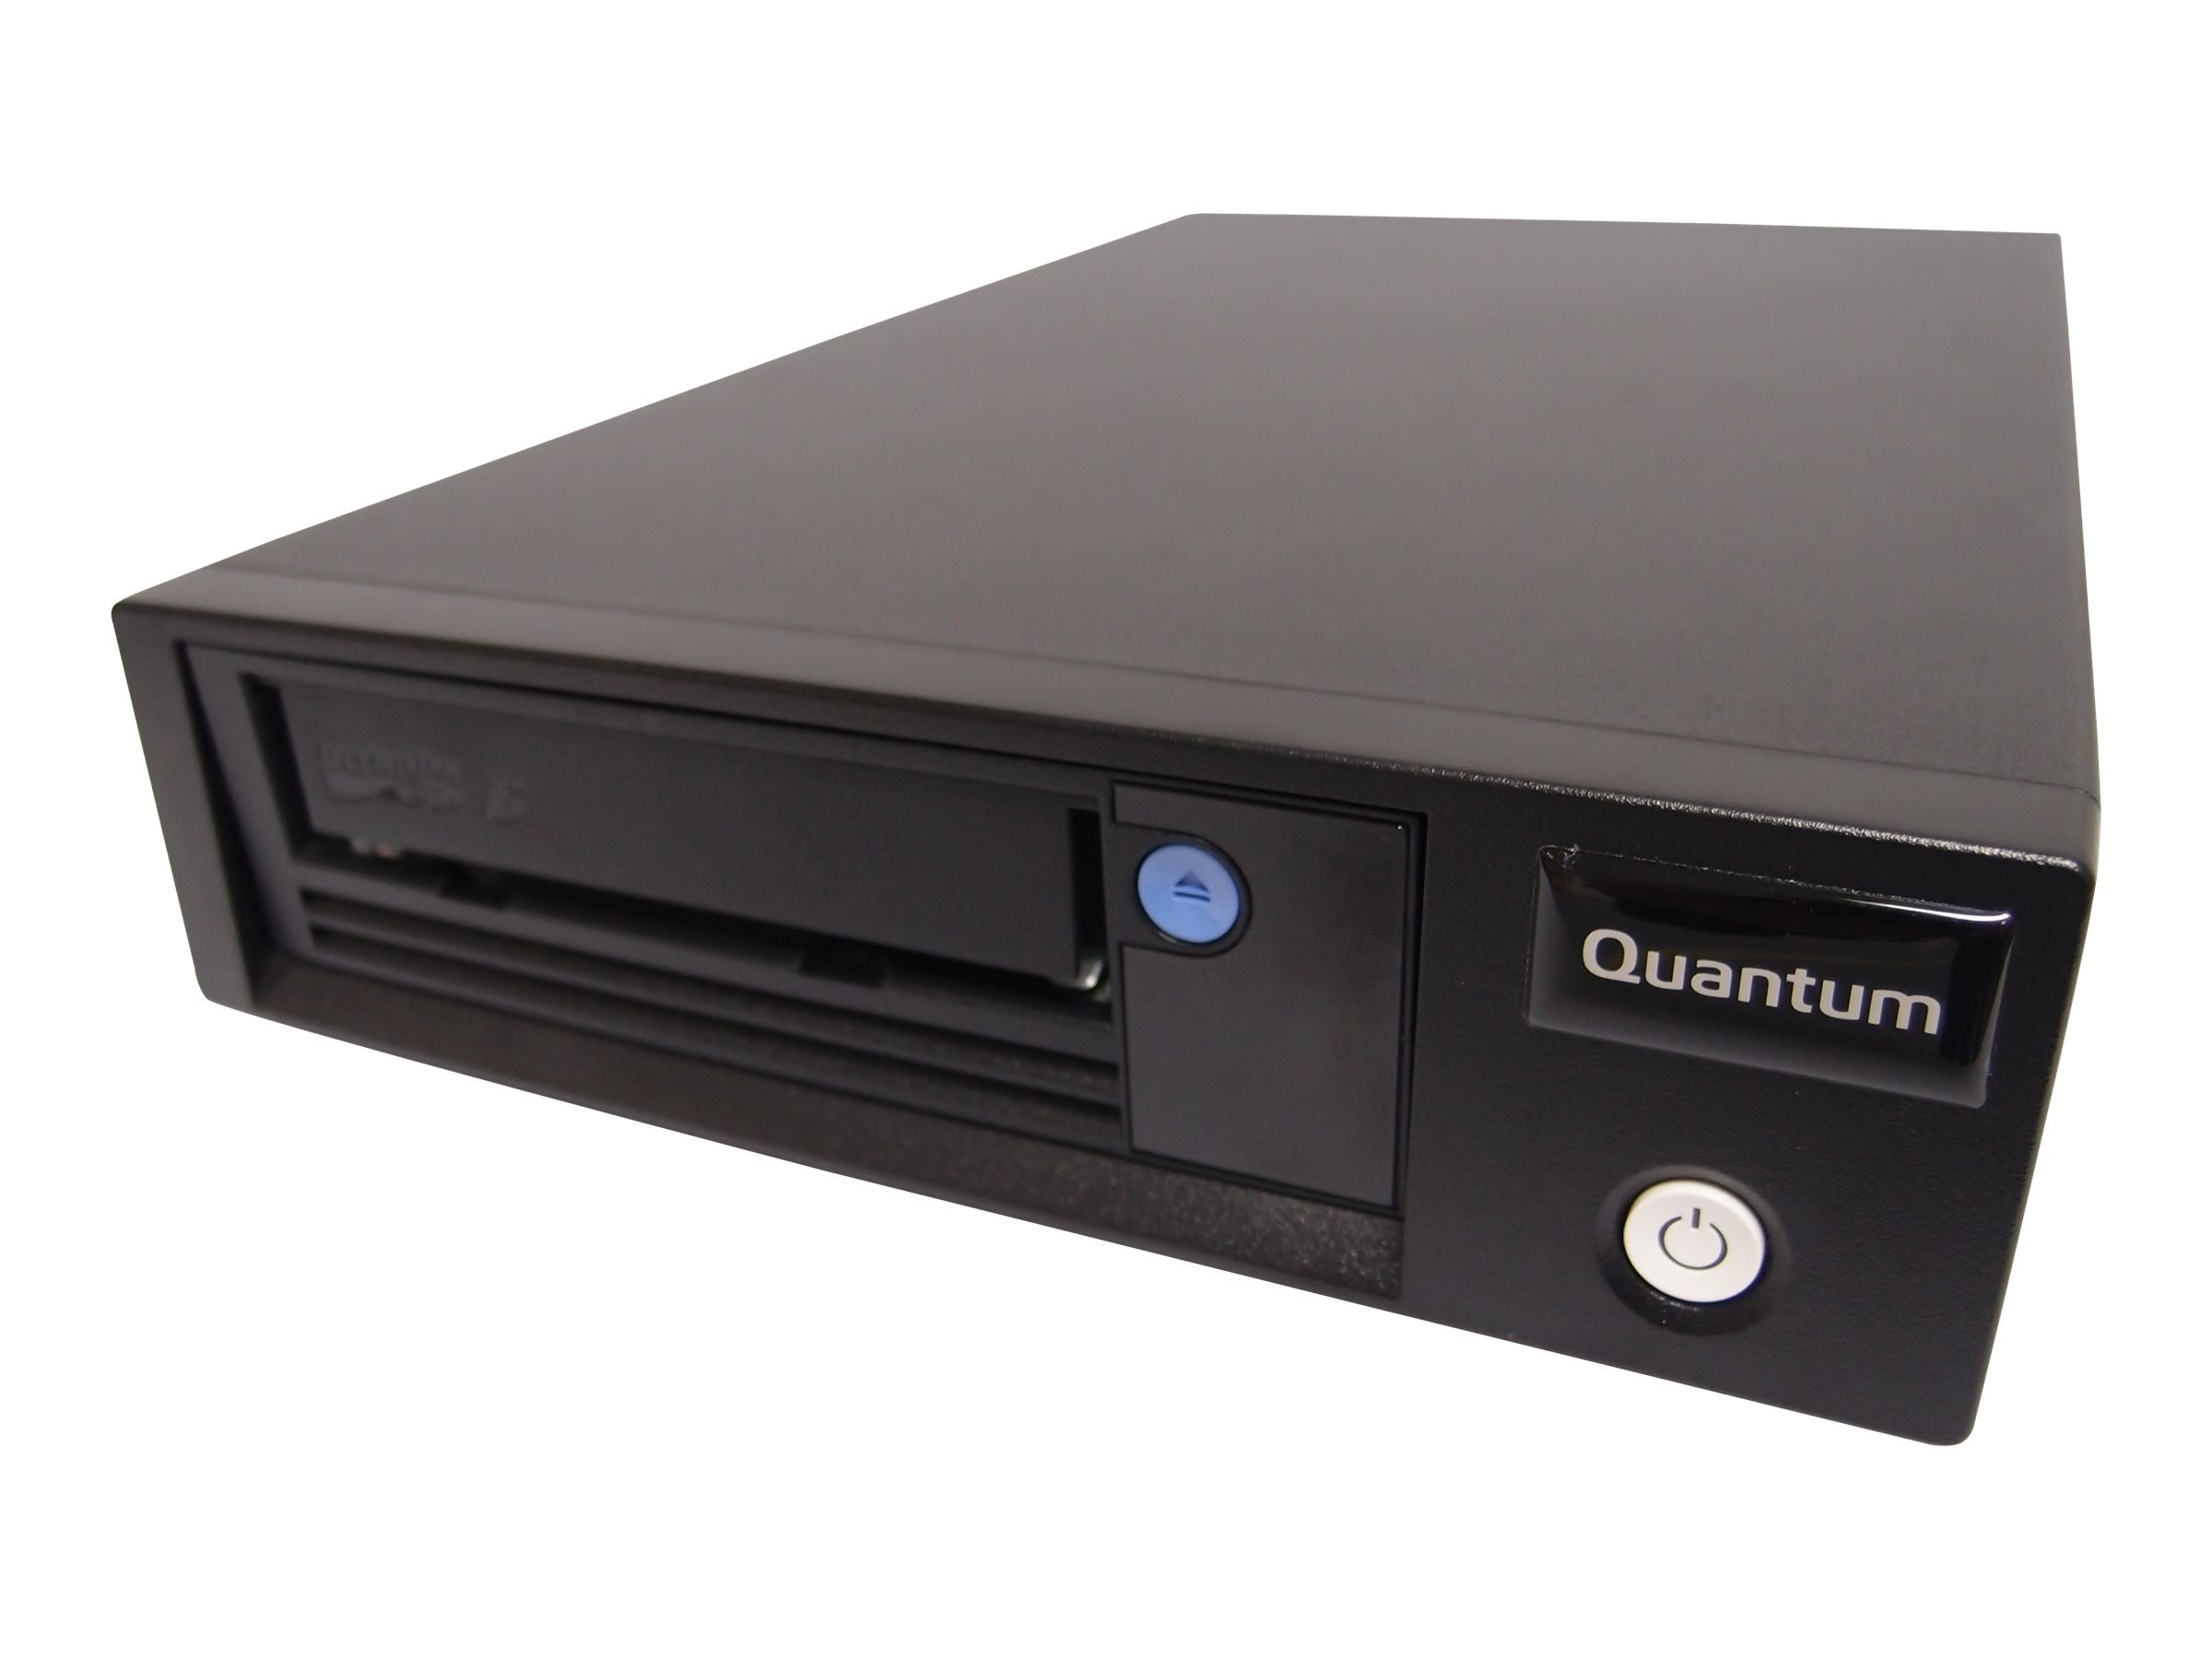 Quantum Tape Drive Components Other TC-L62BN-AR-C, Black by Quantum (Image #1)